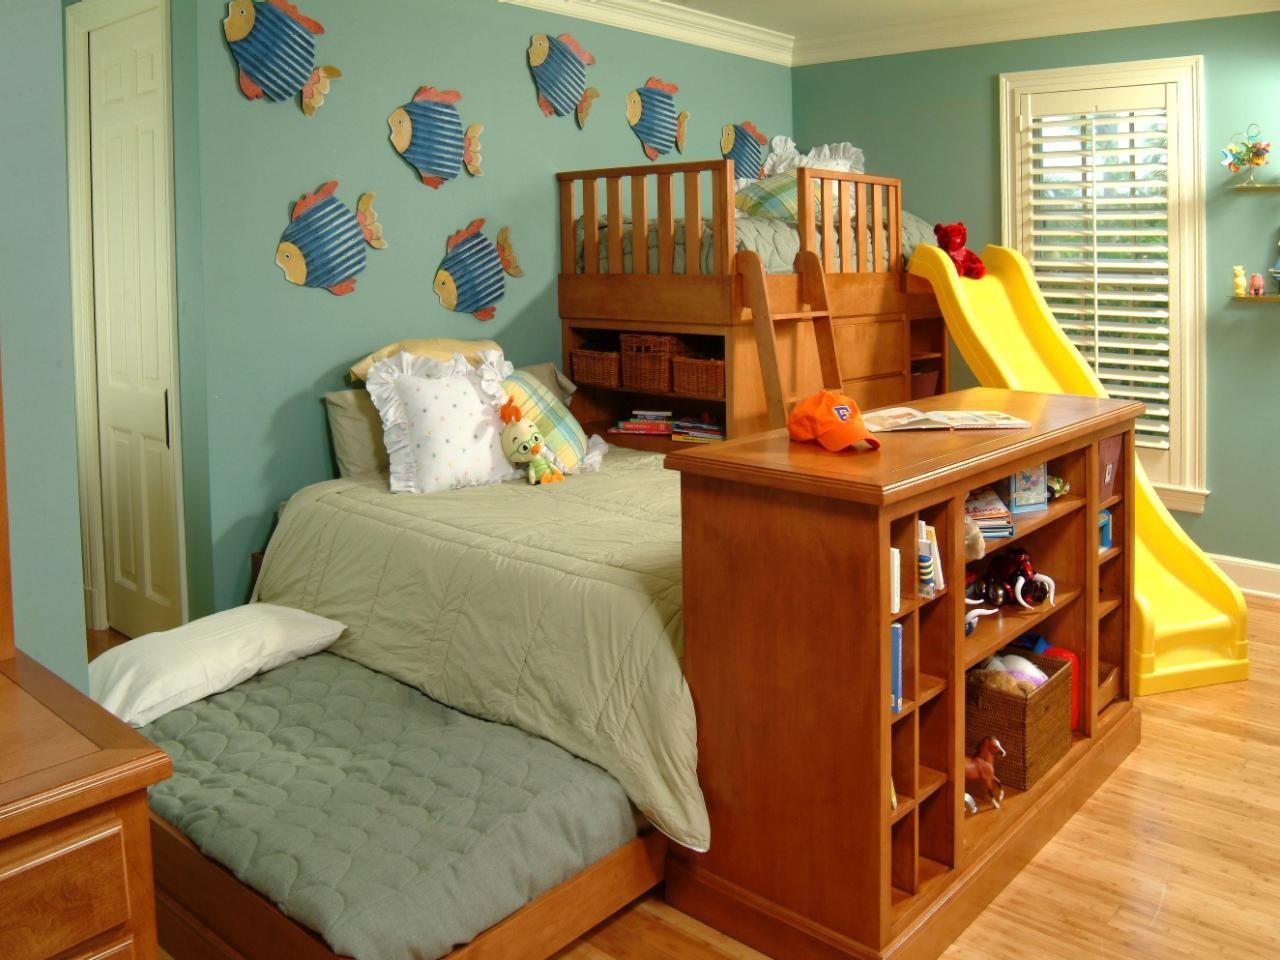 غرف نوم أطفال أولاد باللون البني-غرفة أطفال خشب